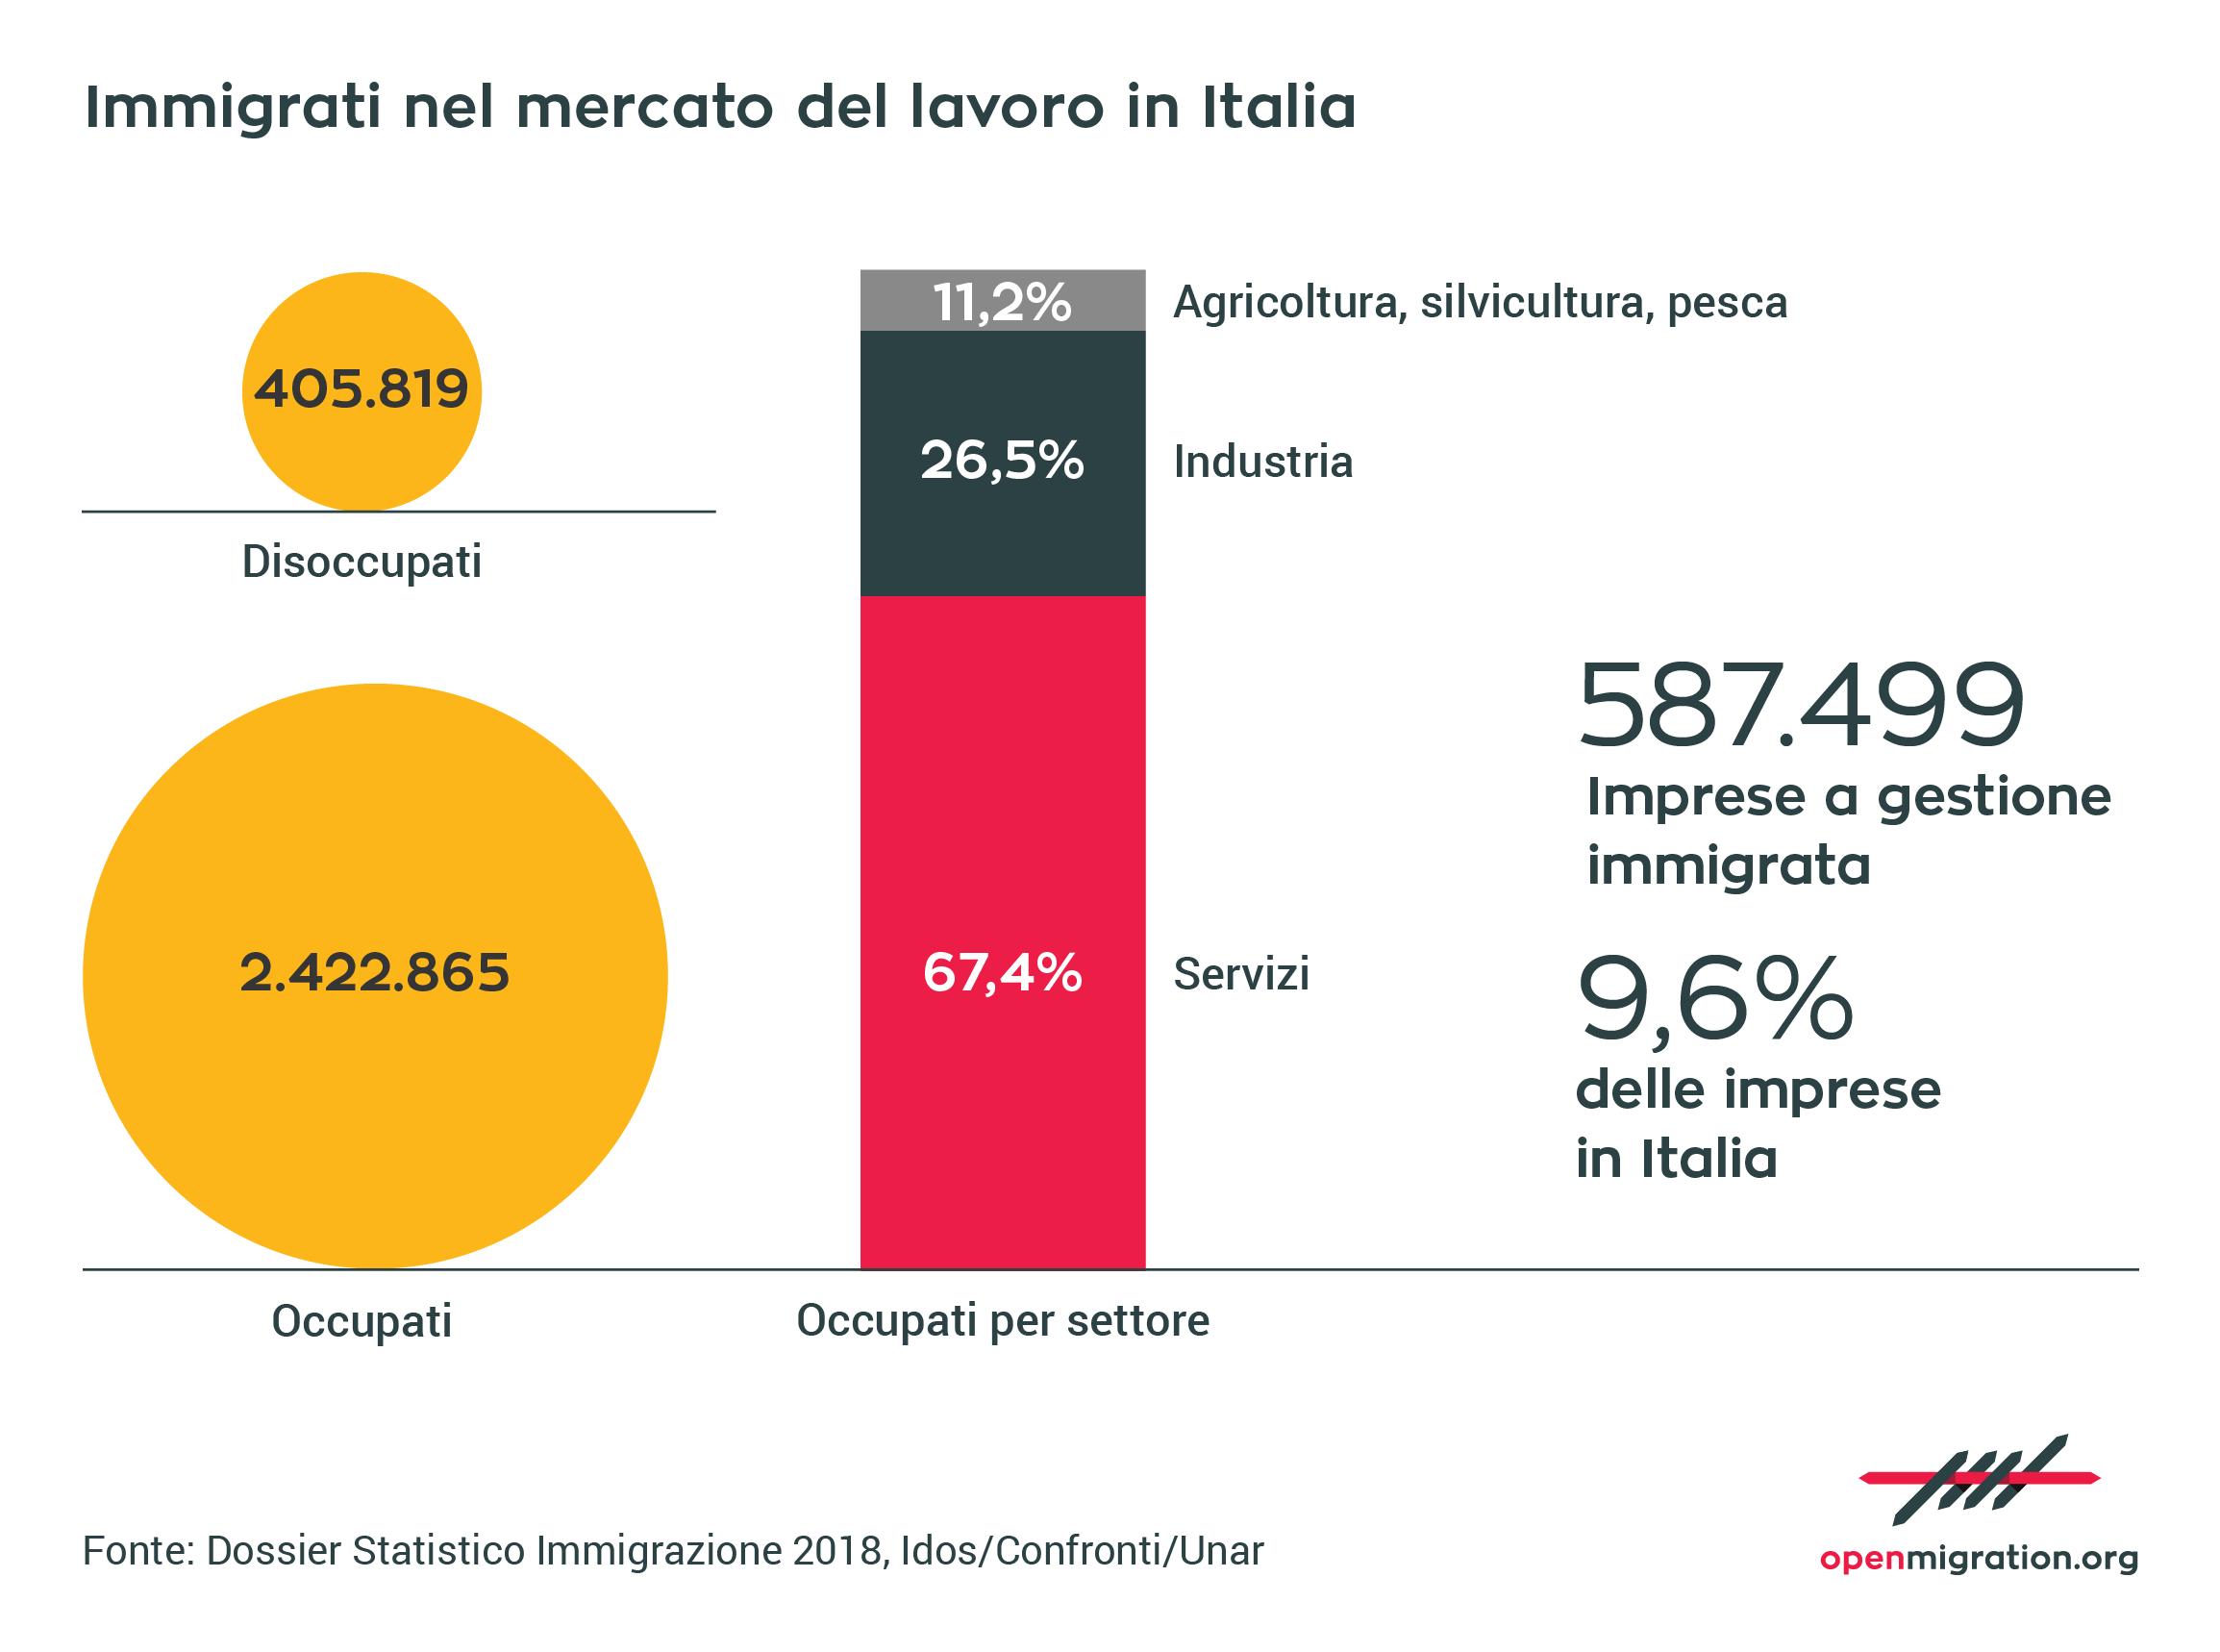 Immigrati nel mercato del lavoro in Italia